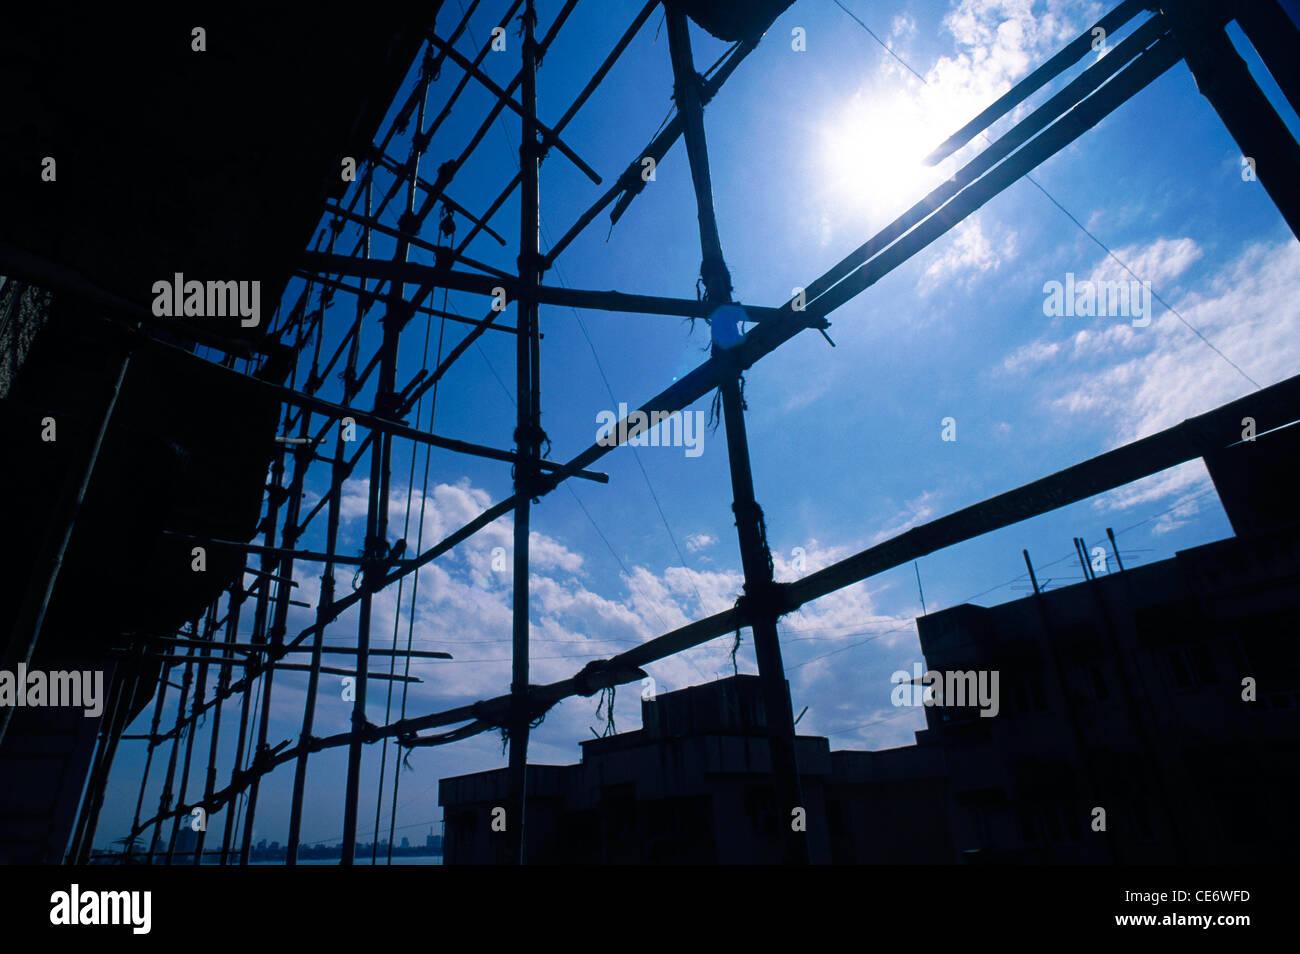 STP 86018 : estructura de andamios de bambú sol nubes blancas el cielo azul de la india Imagen De Stock